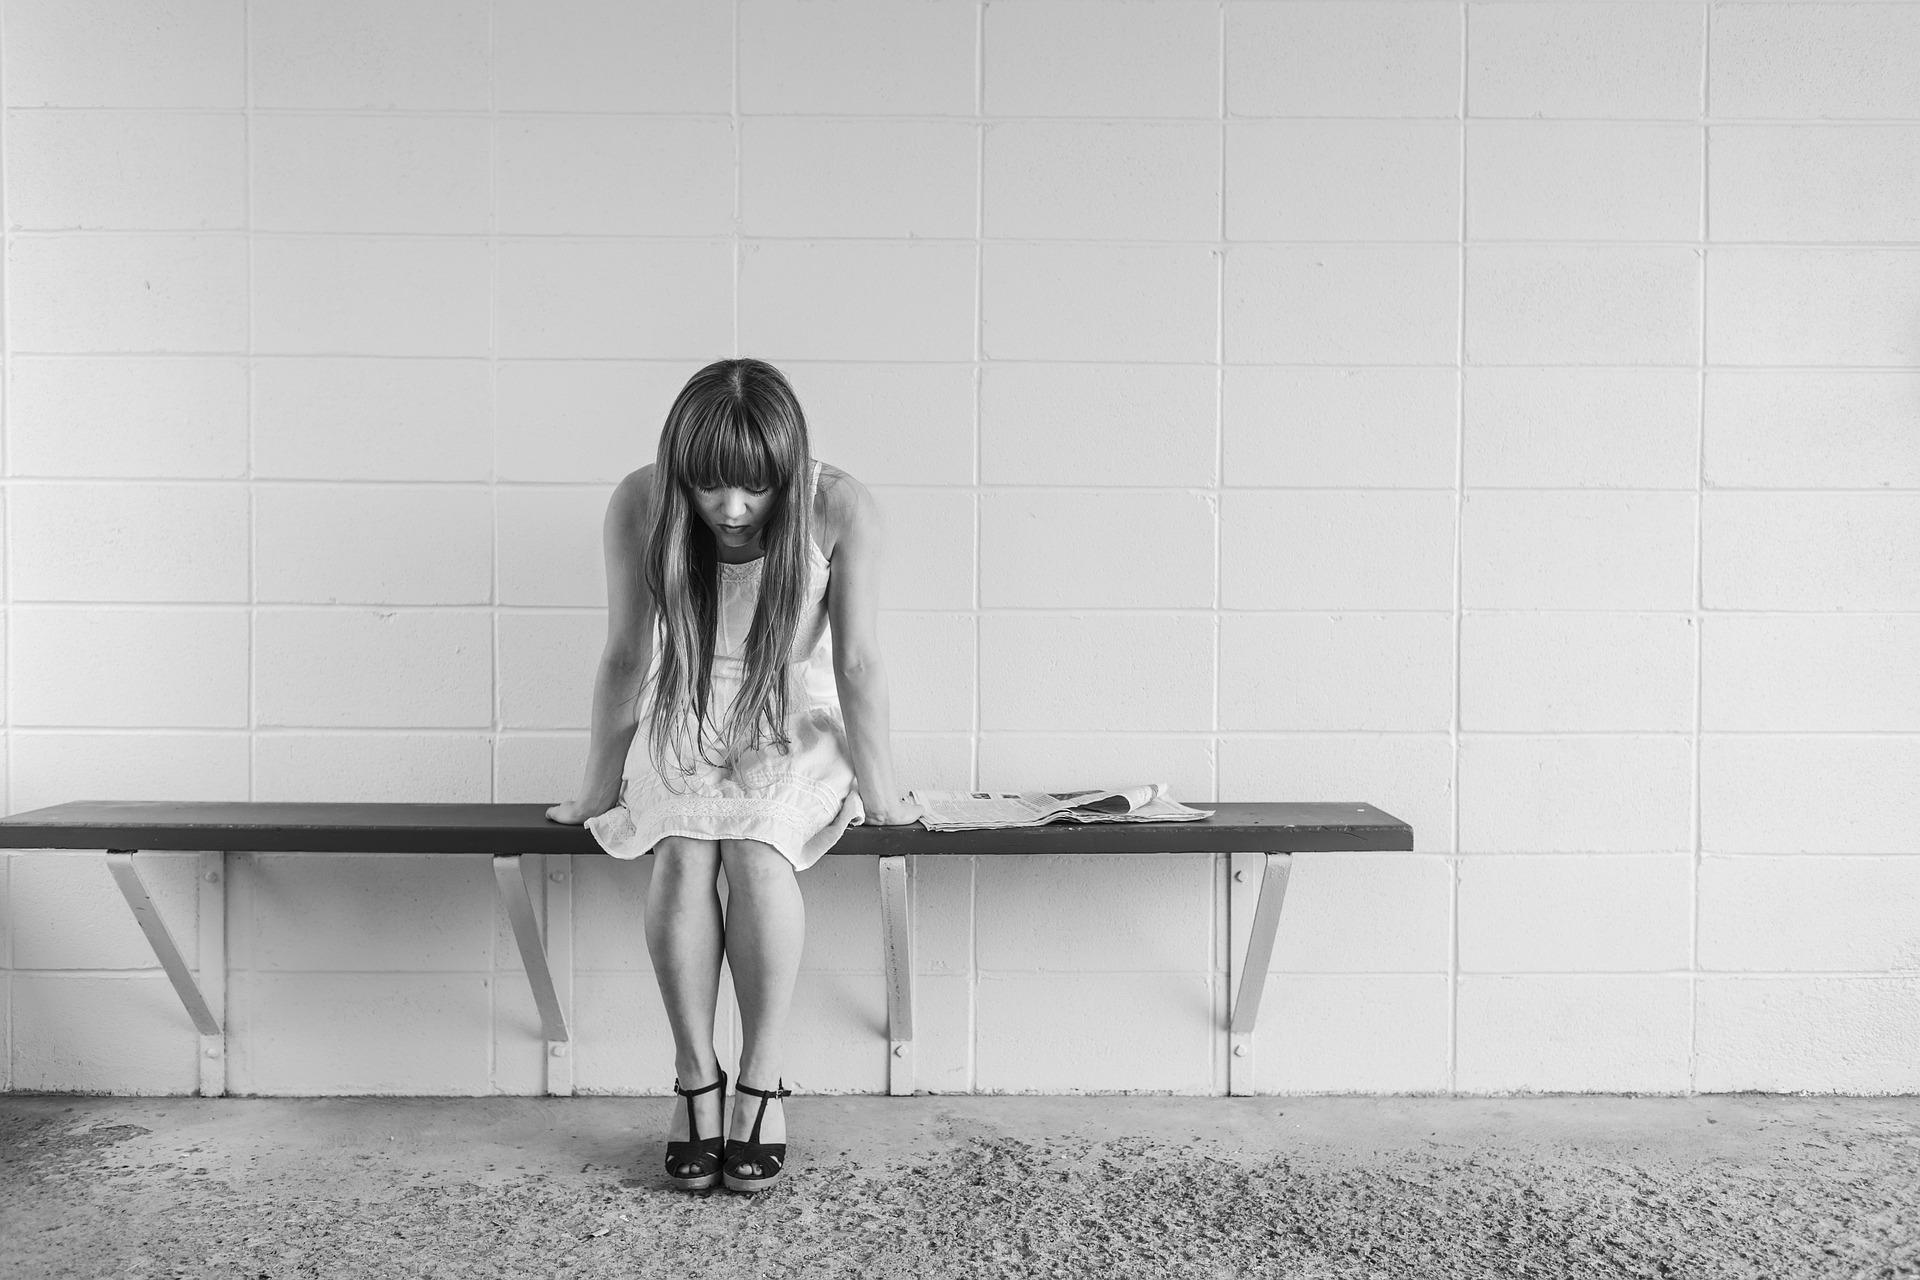 苦しみを感じる女性の画像